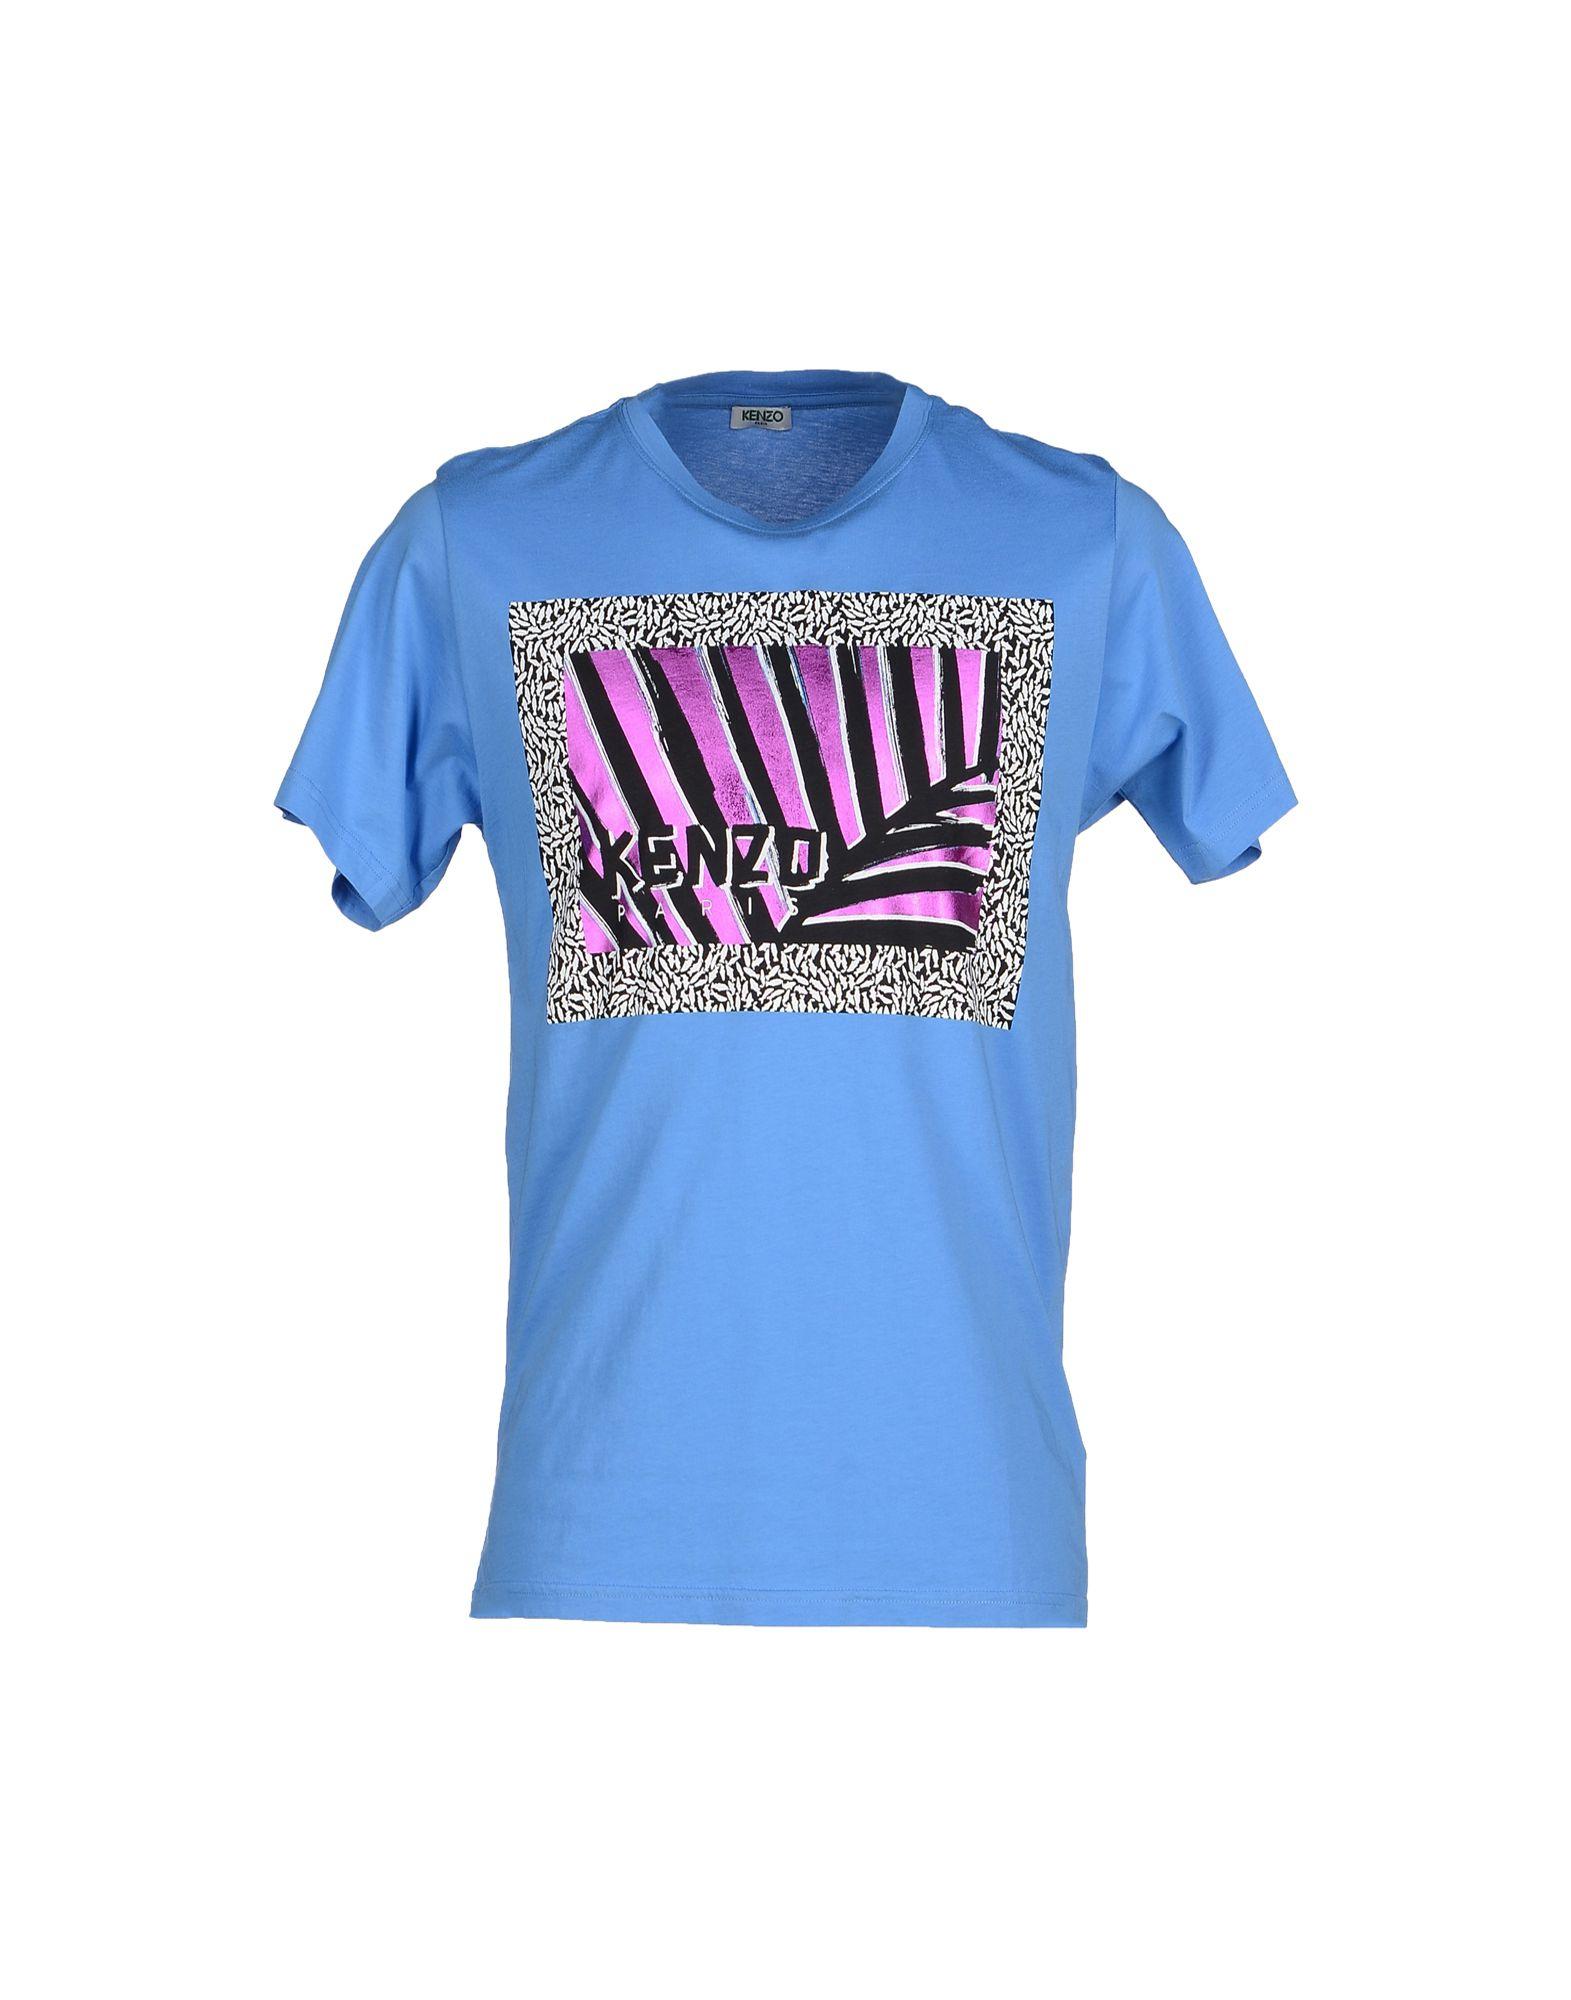 lyst kenzo t shirt in blue for men. Black Bedroom Furniture Sets. Home Design Ideas